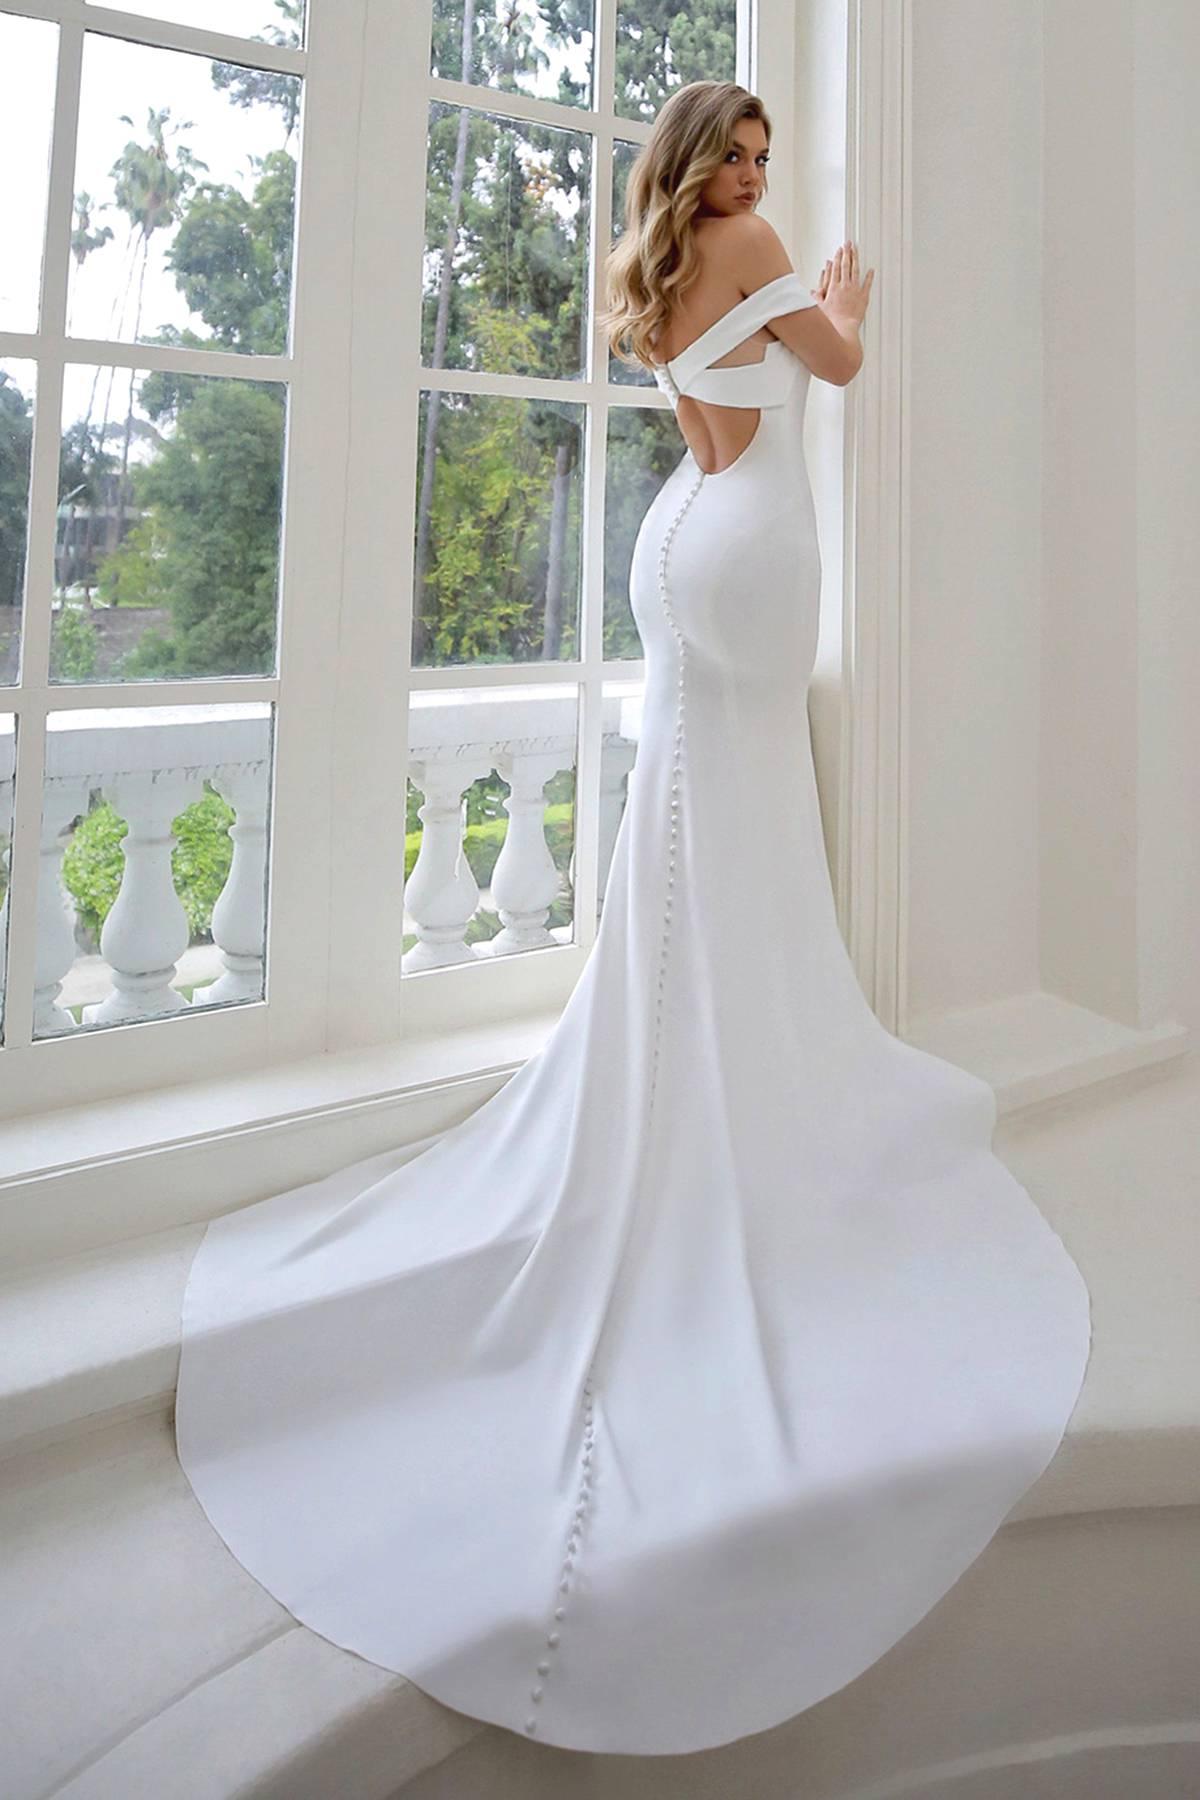 off-shoulder wedding dresses